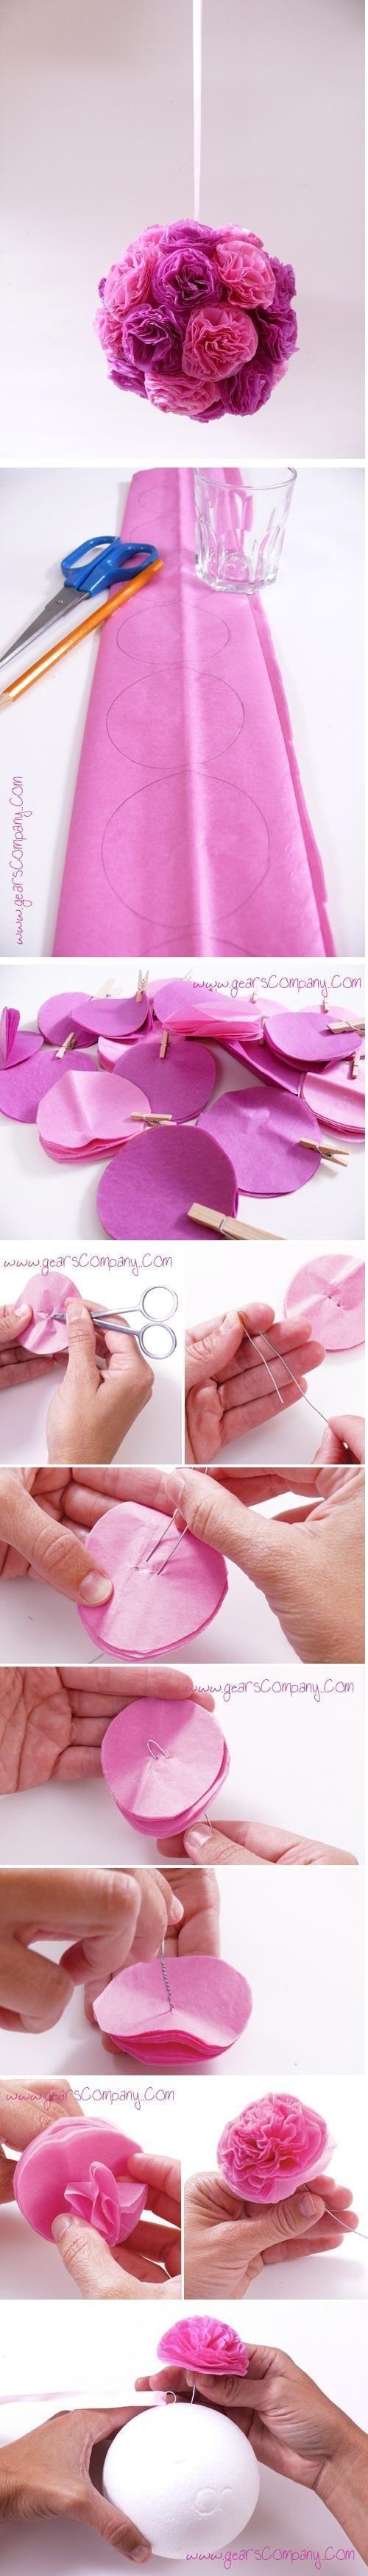 Paper flowers - flores de papel, perfecto para una boda DIY